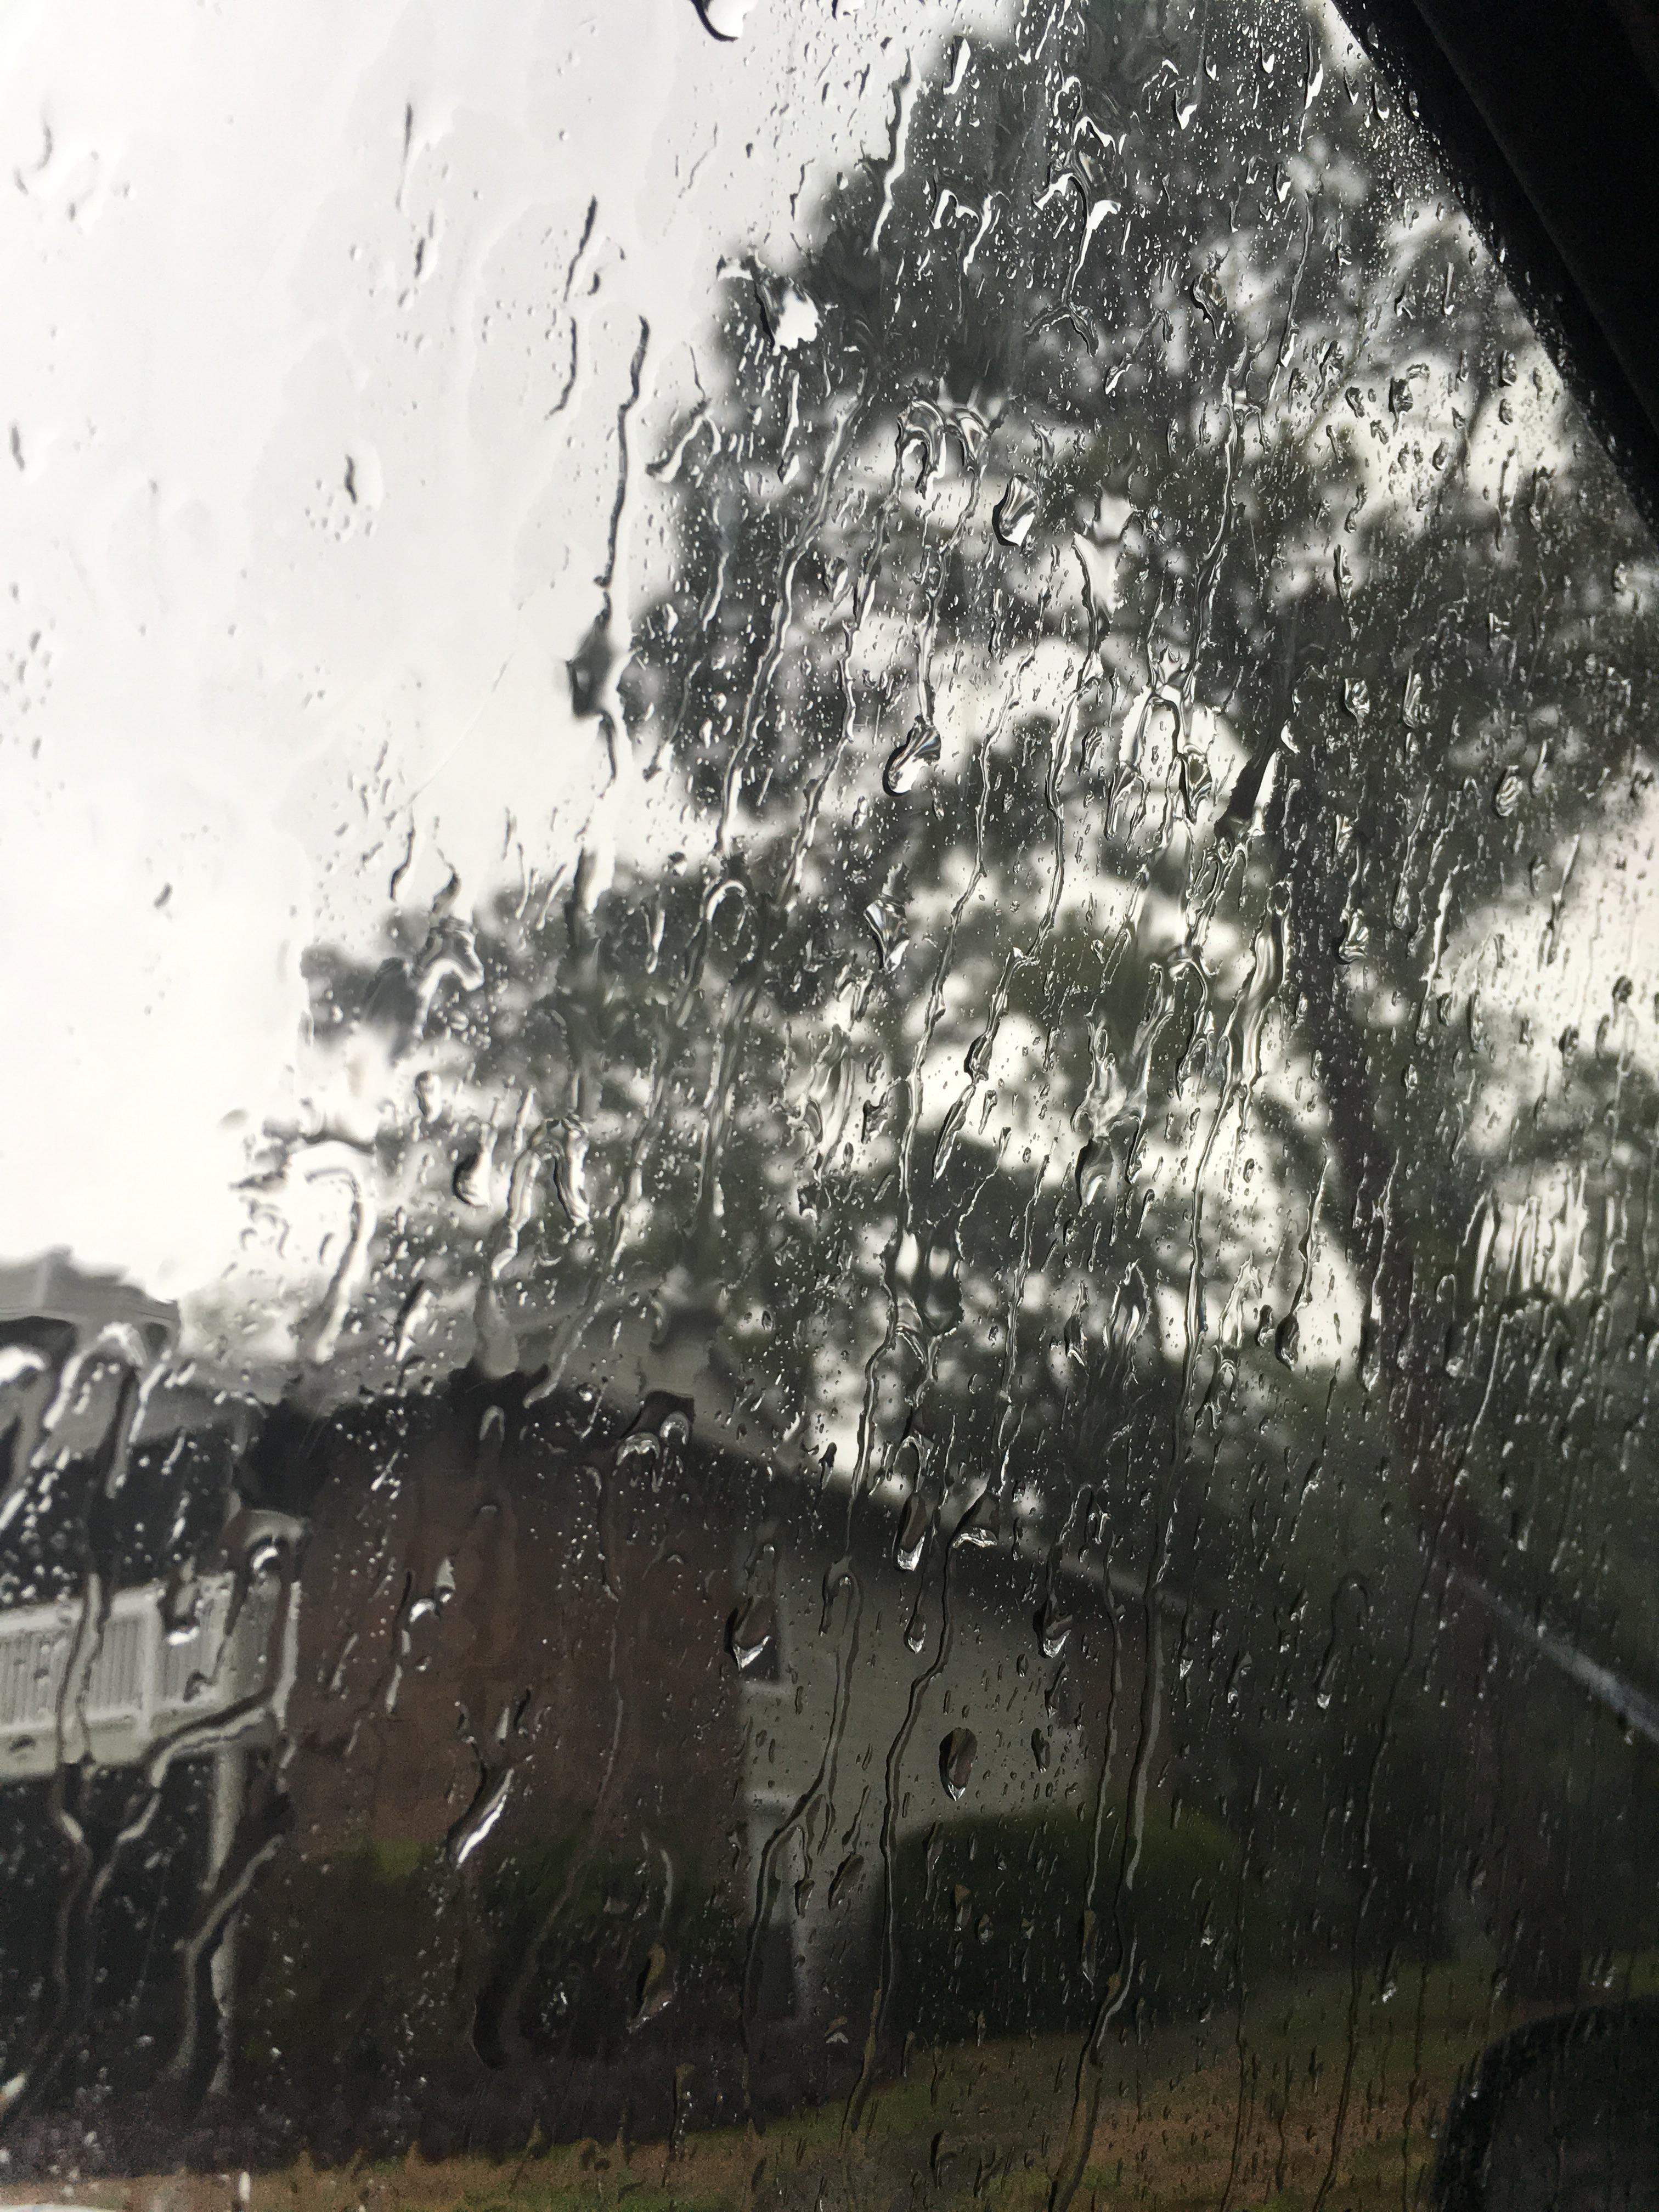 Hình ảnh trời mưa đẹp qua ô cửa kính